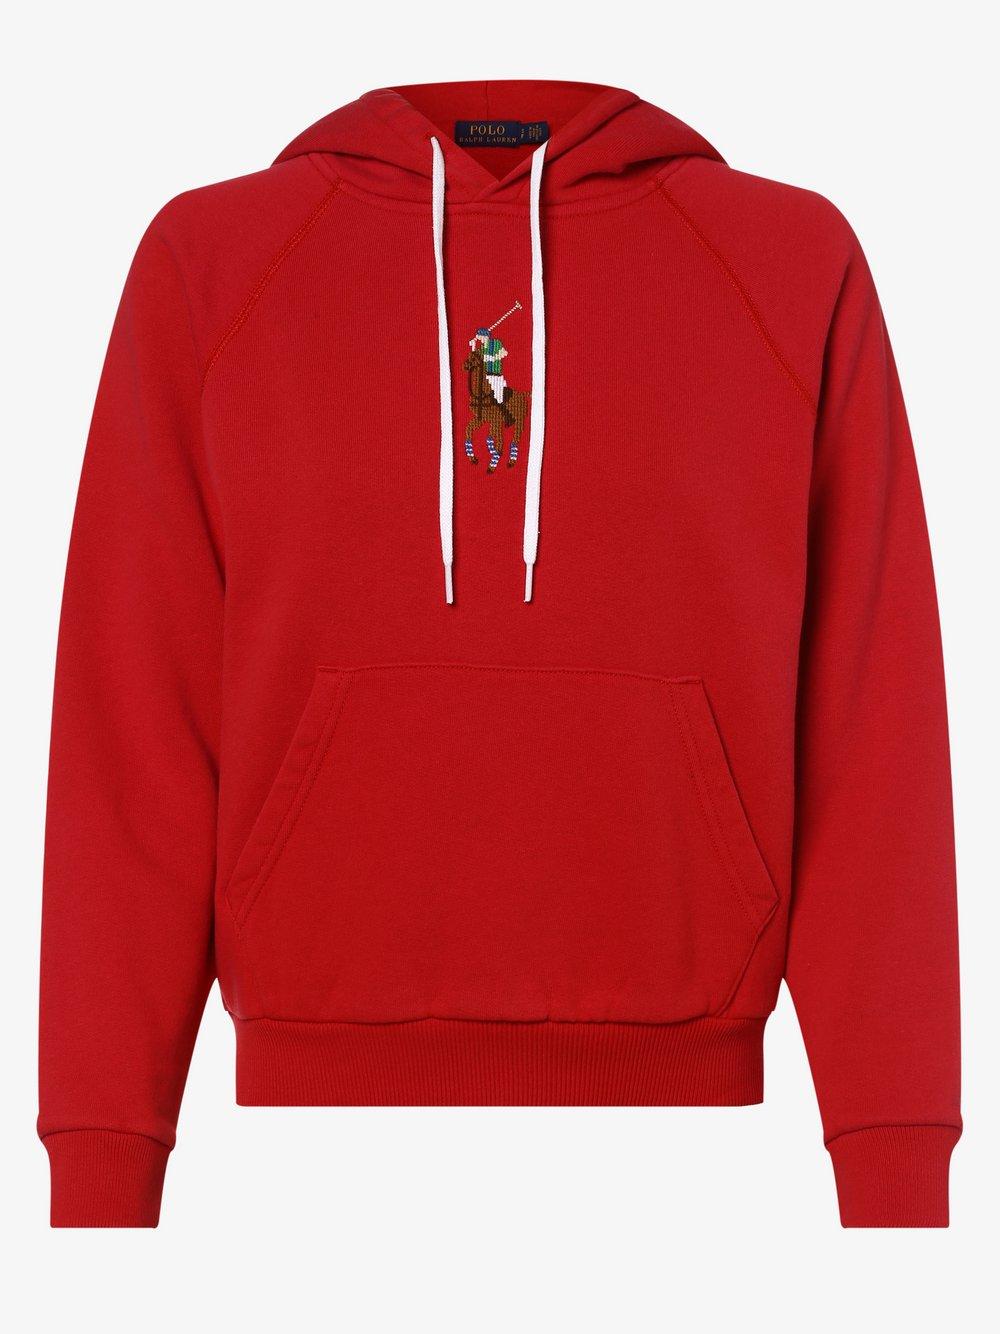 Polo Ralph Lauren - Damska bluza nierozpinana, czerwony